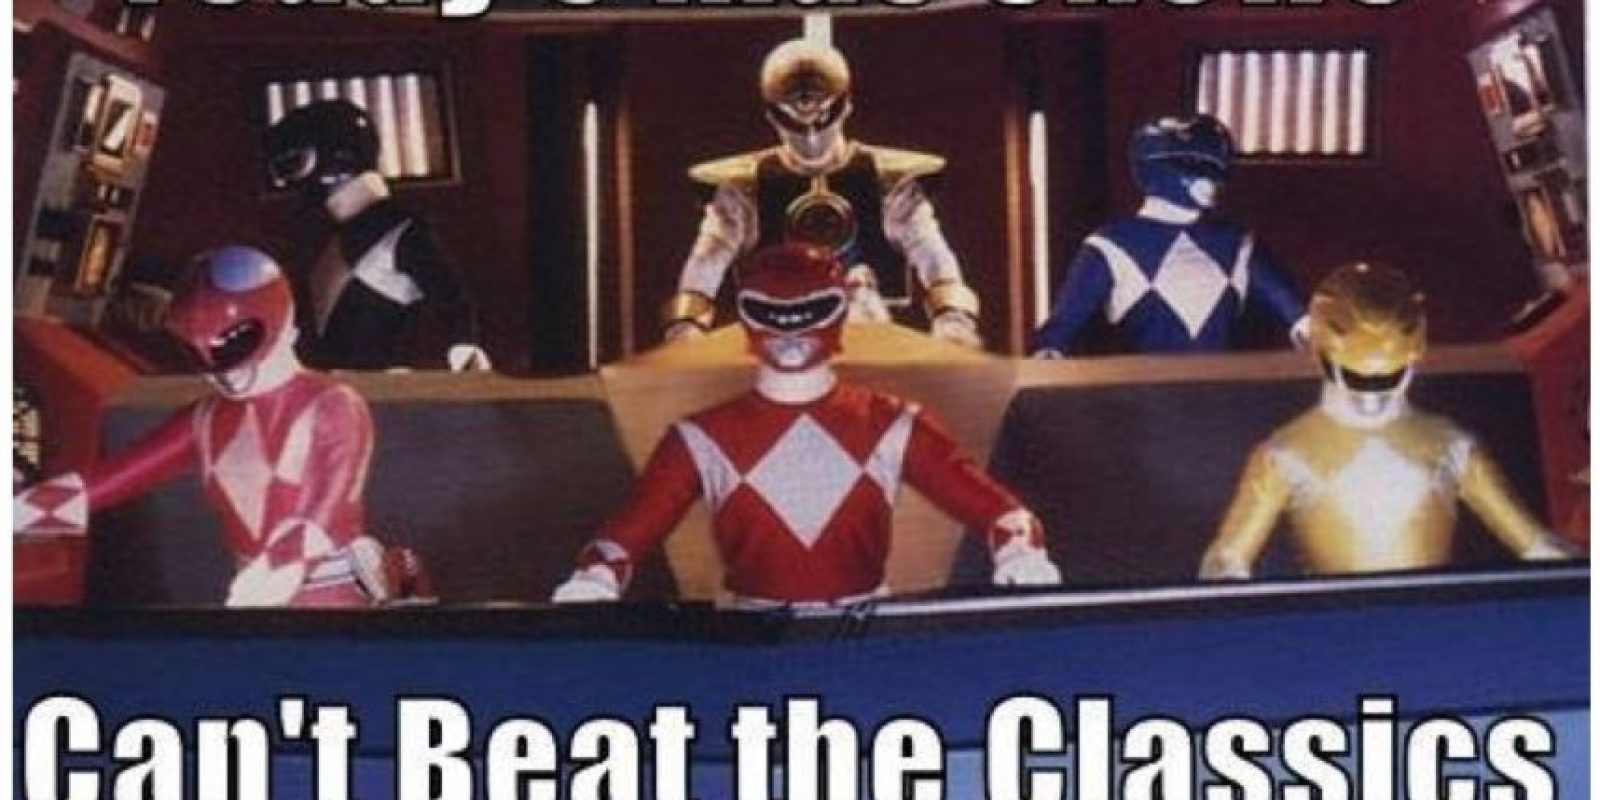 Esto fue lo mejor que nos dejó Power Rangers Foto:The Original Power Rangers/Tumblr